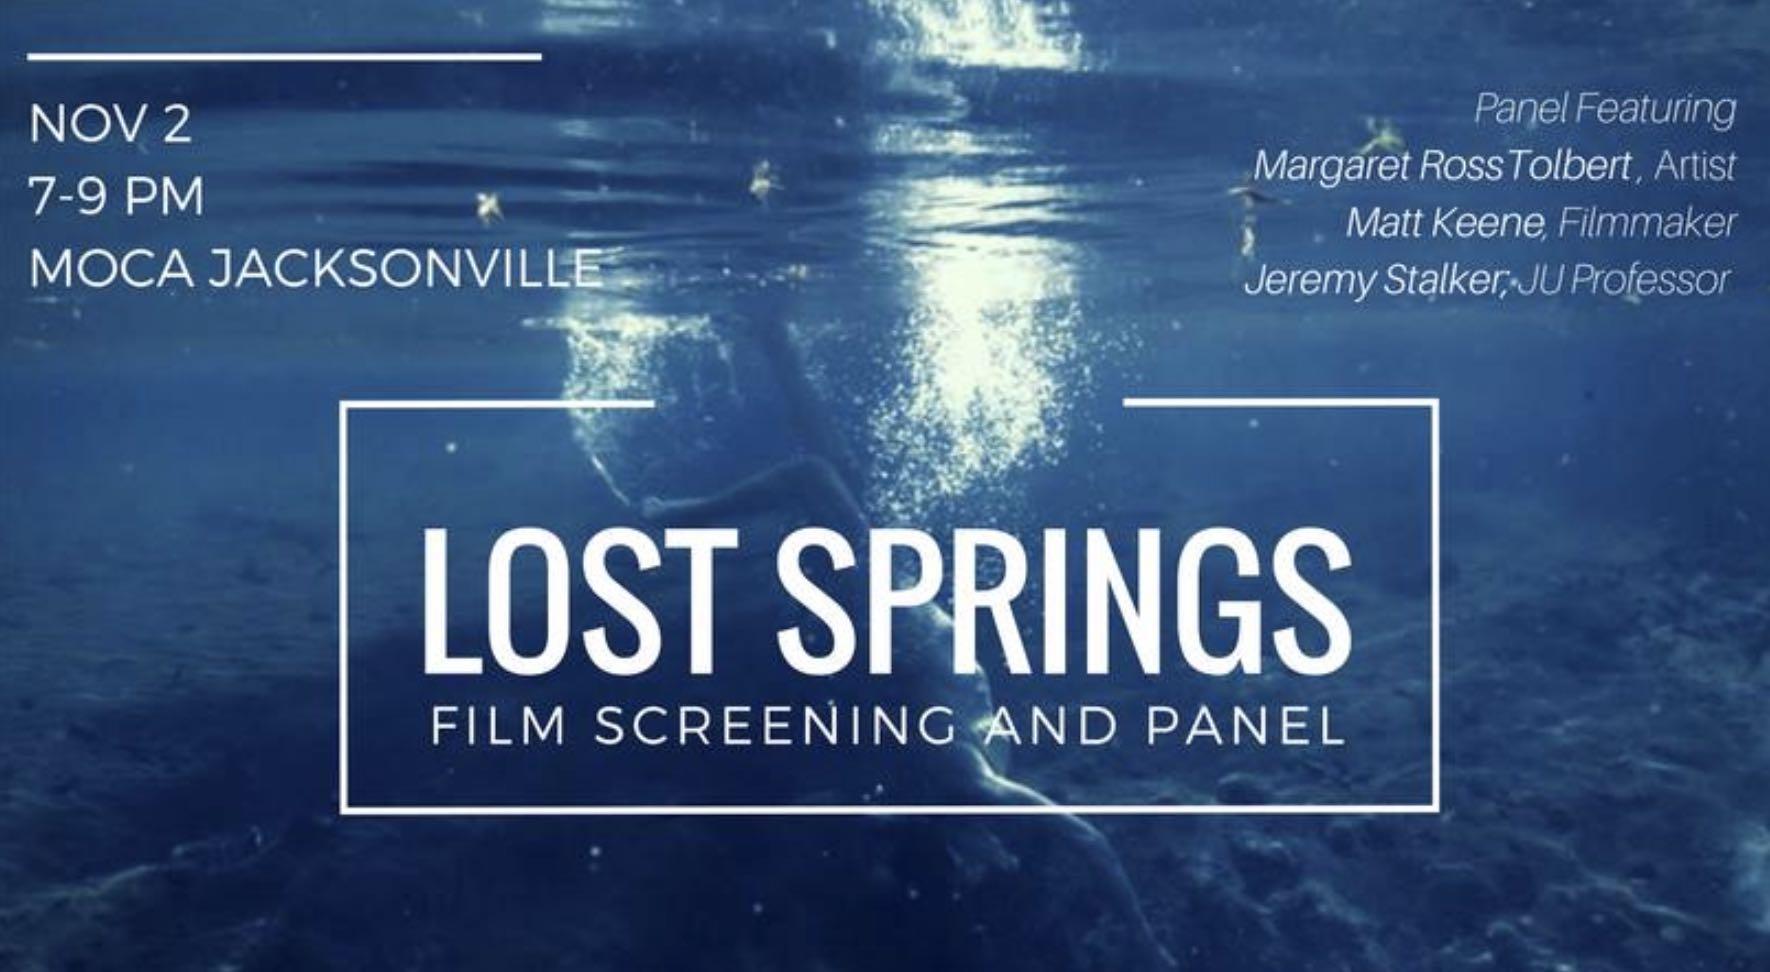 lostsprings.jpg